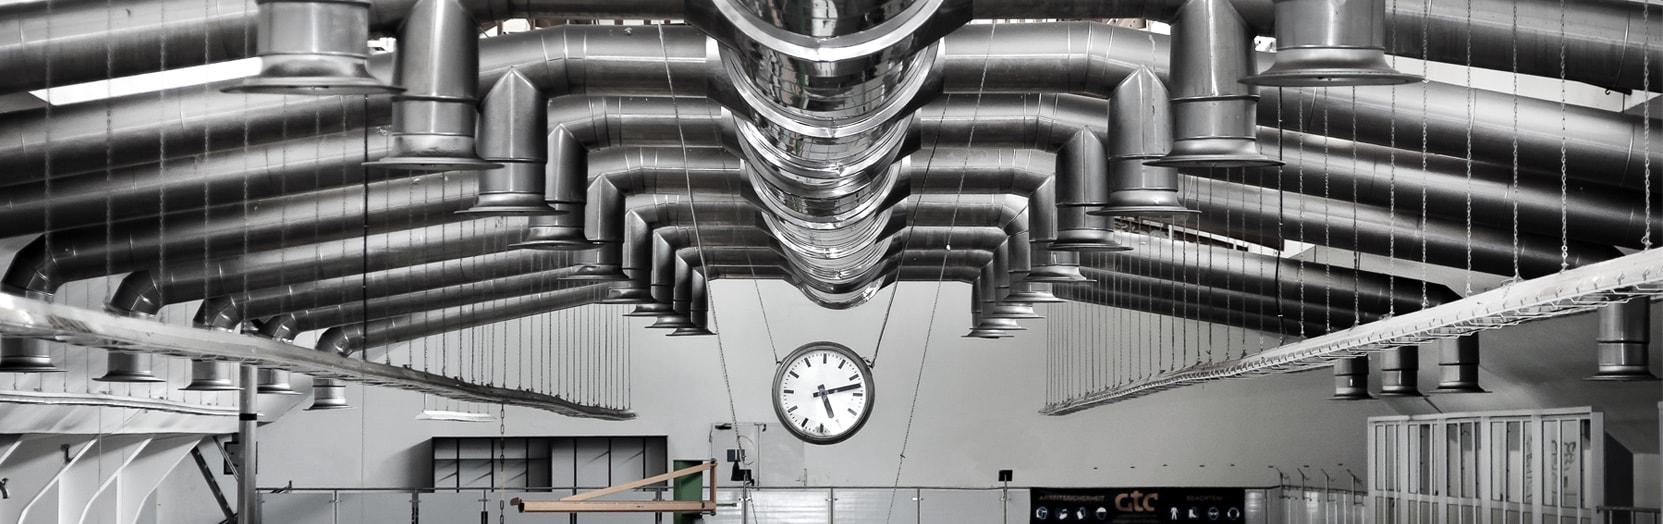 Установка профессиональных систем вентиляции завода